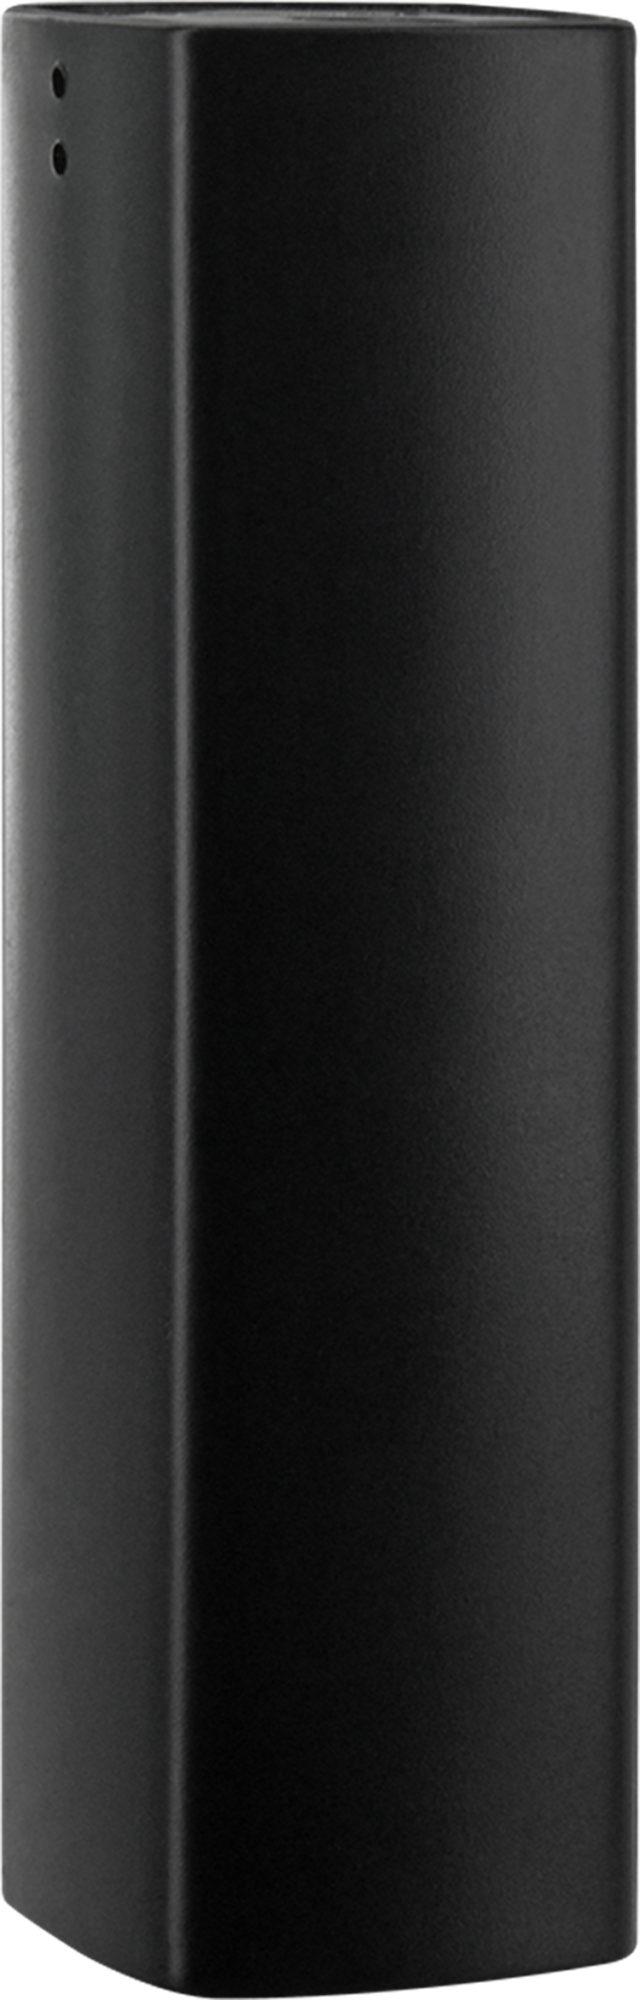 Batterie de secours 220mAh (noir) - Packshot